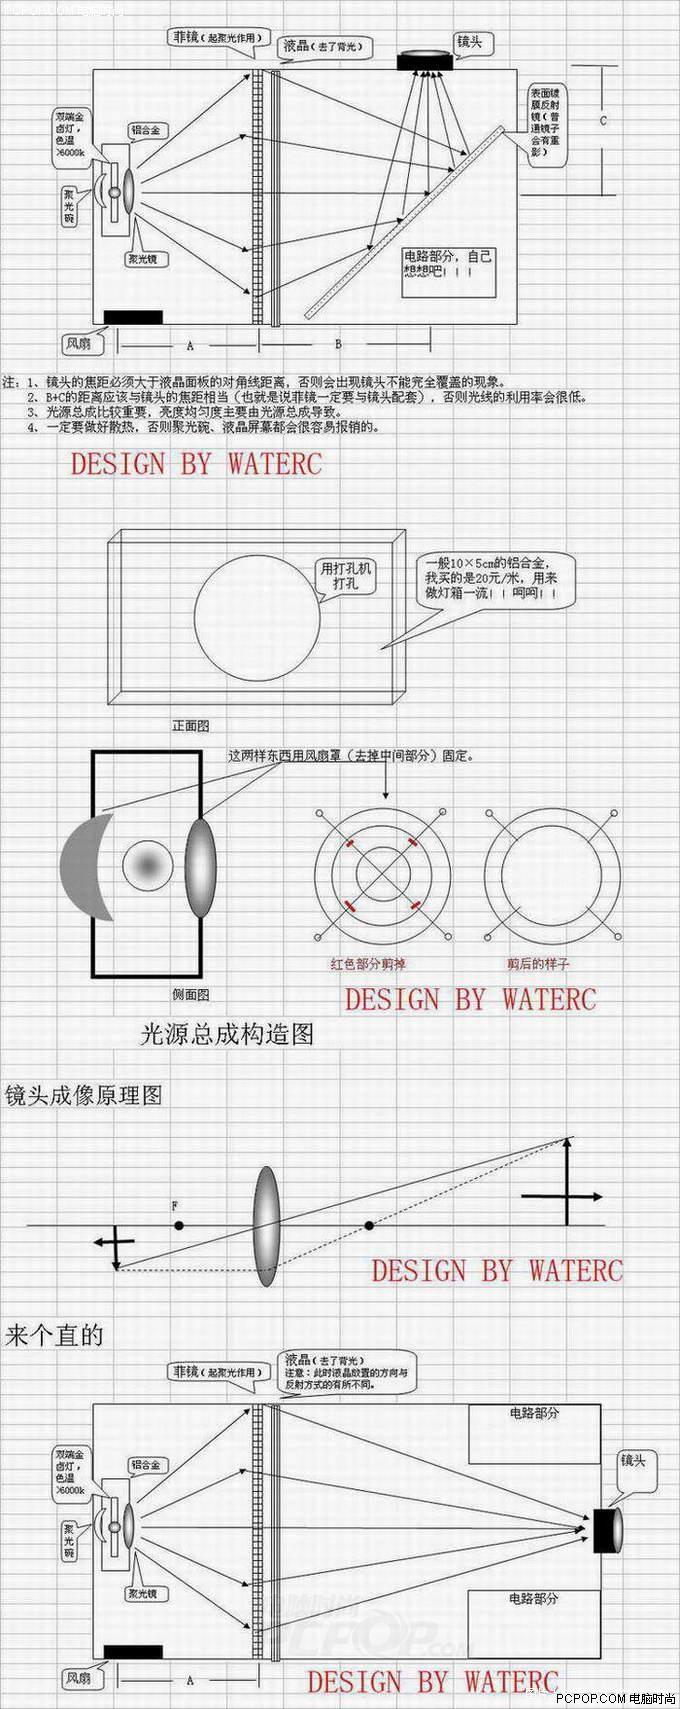 自制投影仪的工作原理图